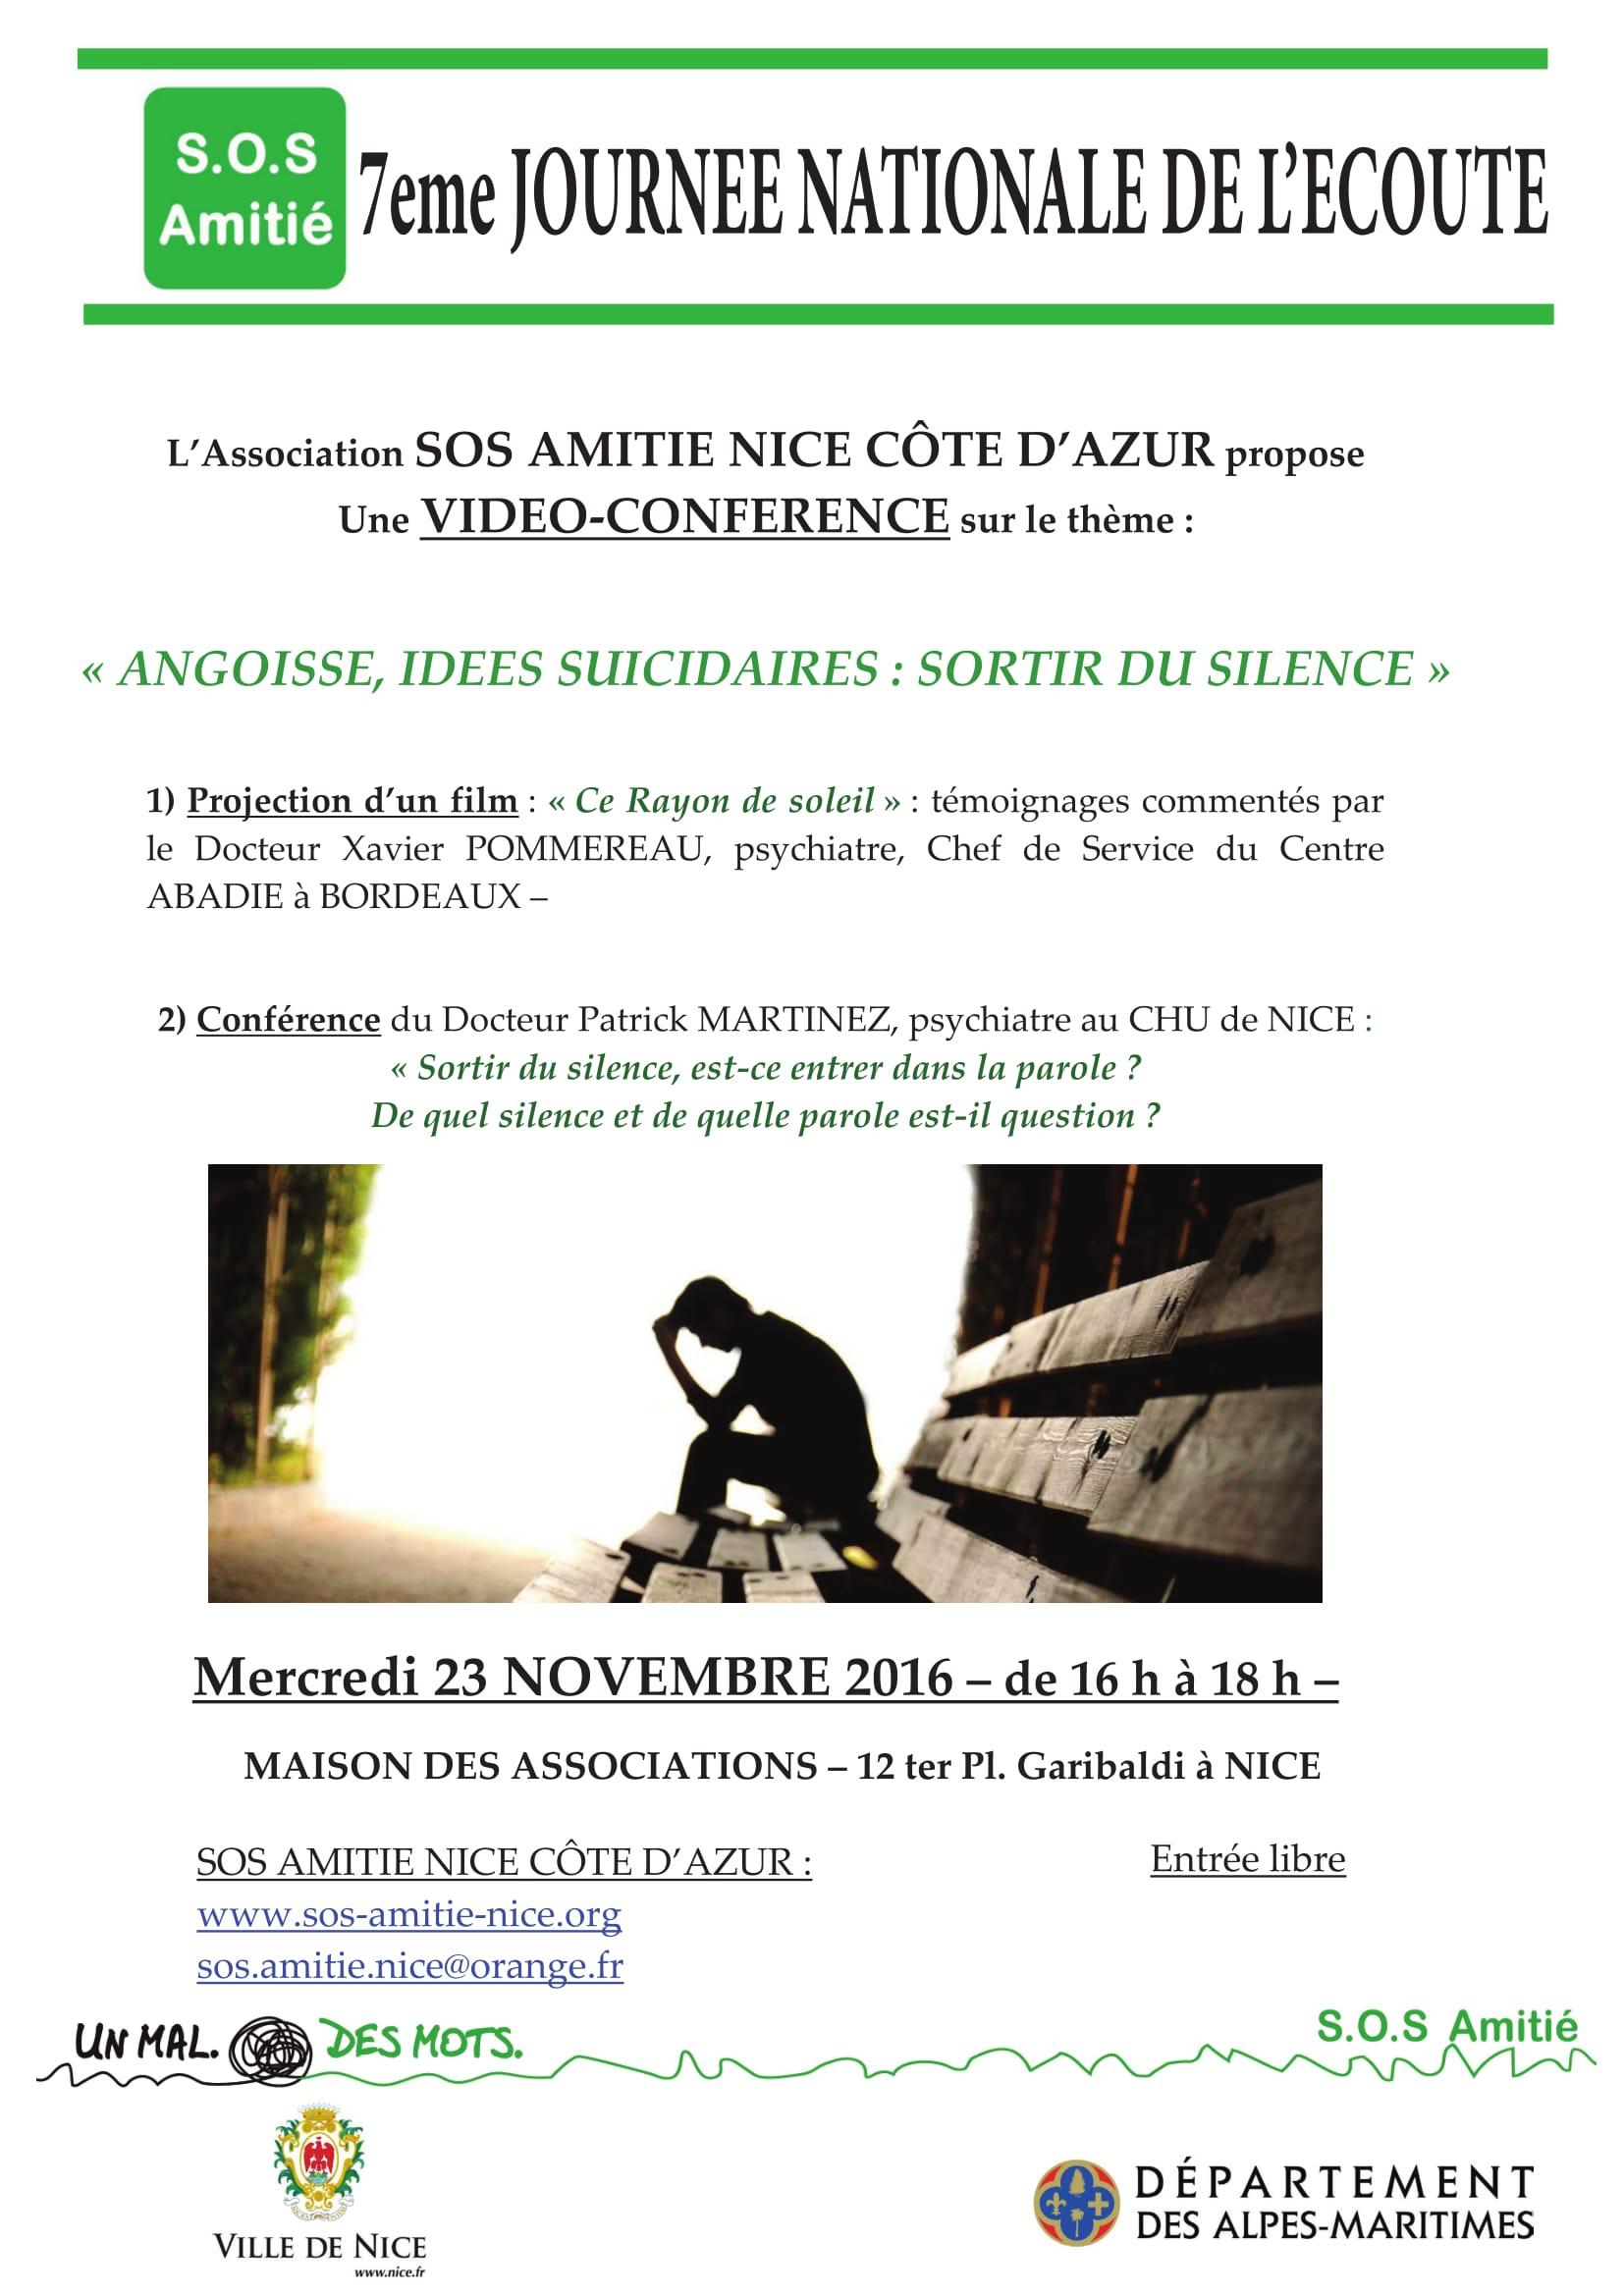 Angoisse, idées suicidaires - Conférence SOS Amitié